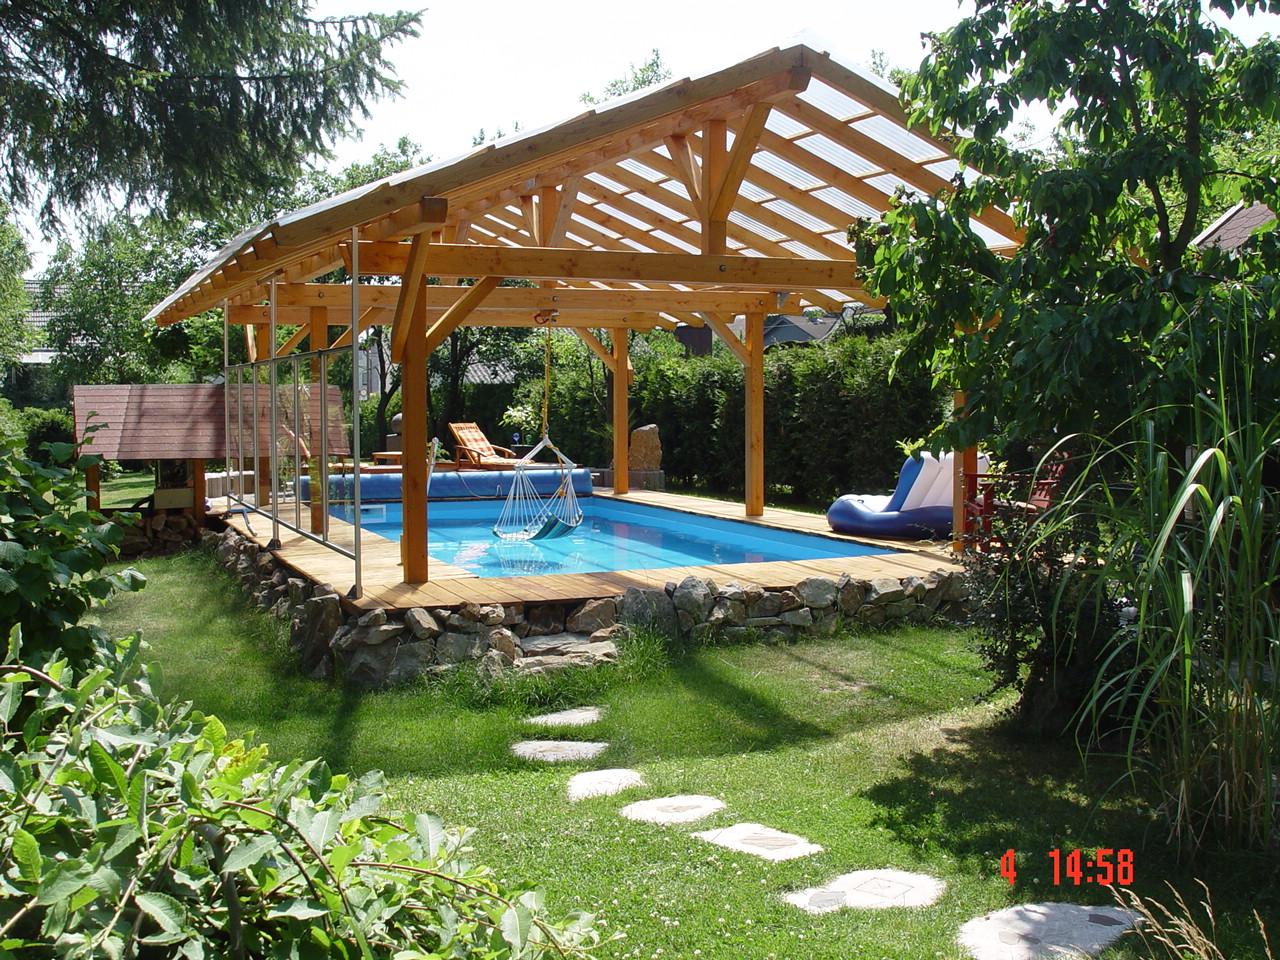 pool selber bauen archive - pool-selbstbau